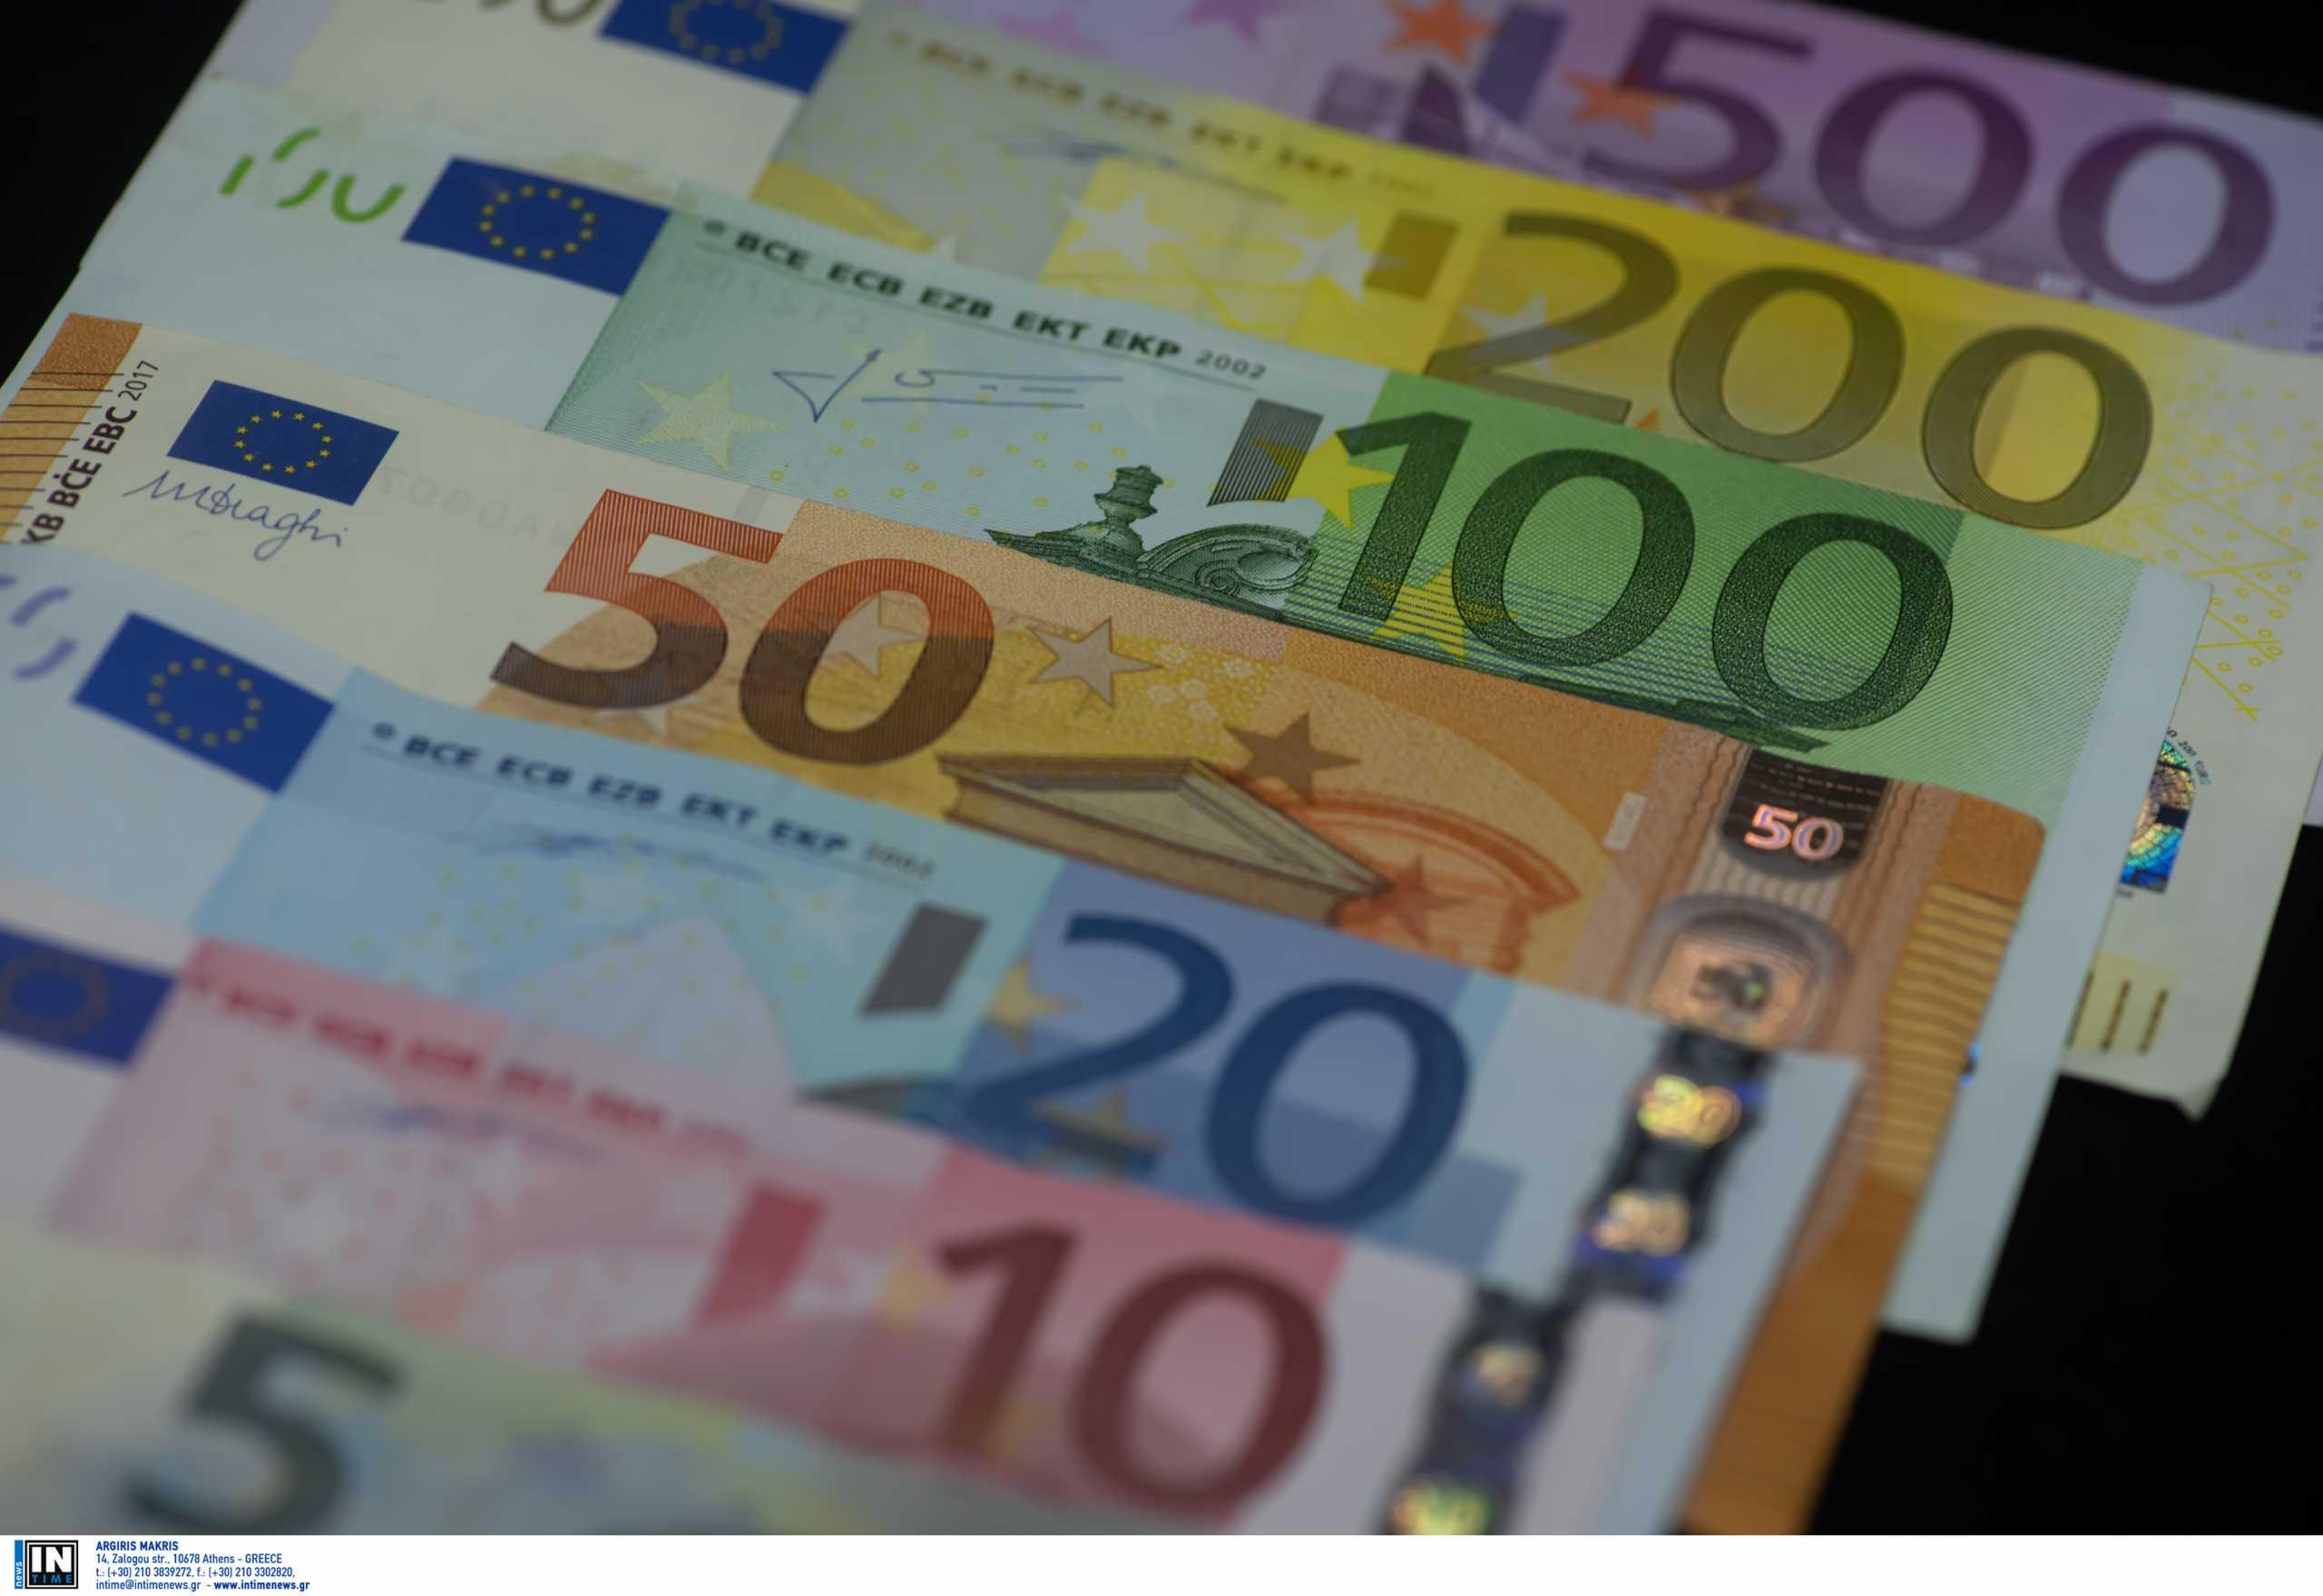 Ενίσχυση 400 ευρώ σε περισσότερους ελεύθερους επαγγελματίες και αυτοαπασχολούμενους επιστήμονες